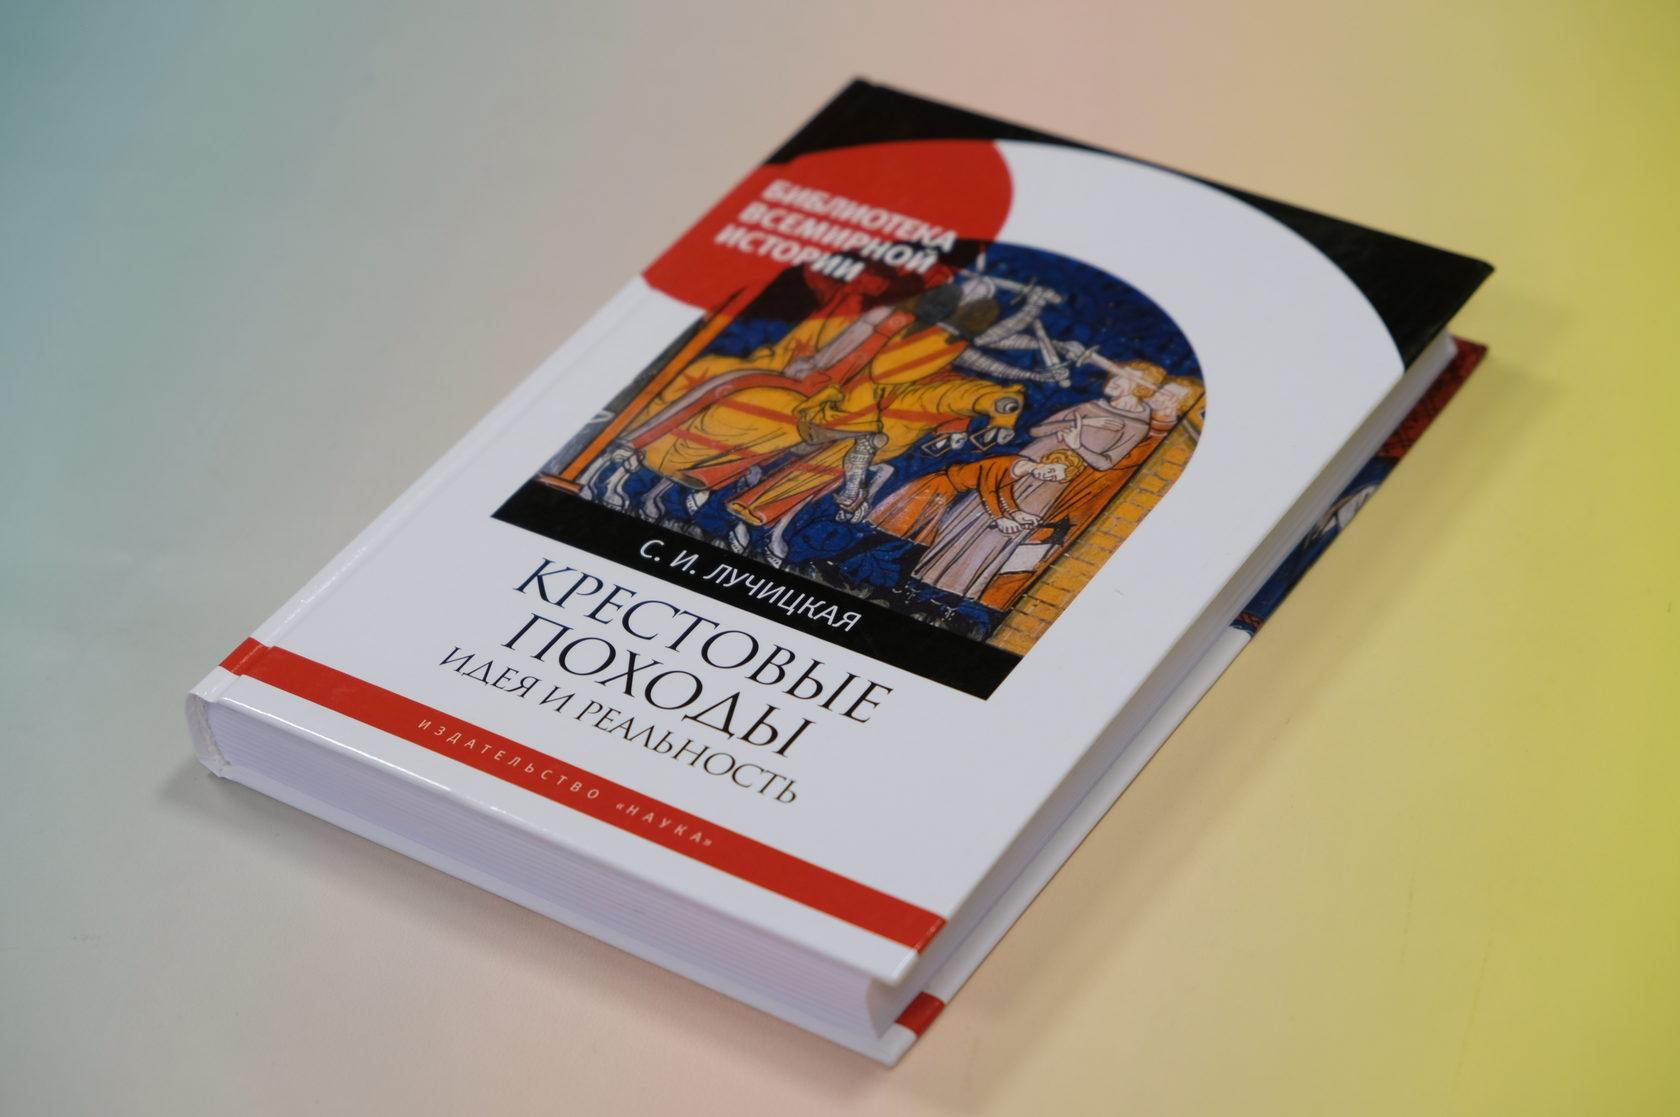 Светлана Лучицкая «Крестовые походы. Идея и реальность» 978-5-02-039685-2